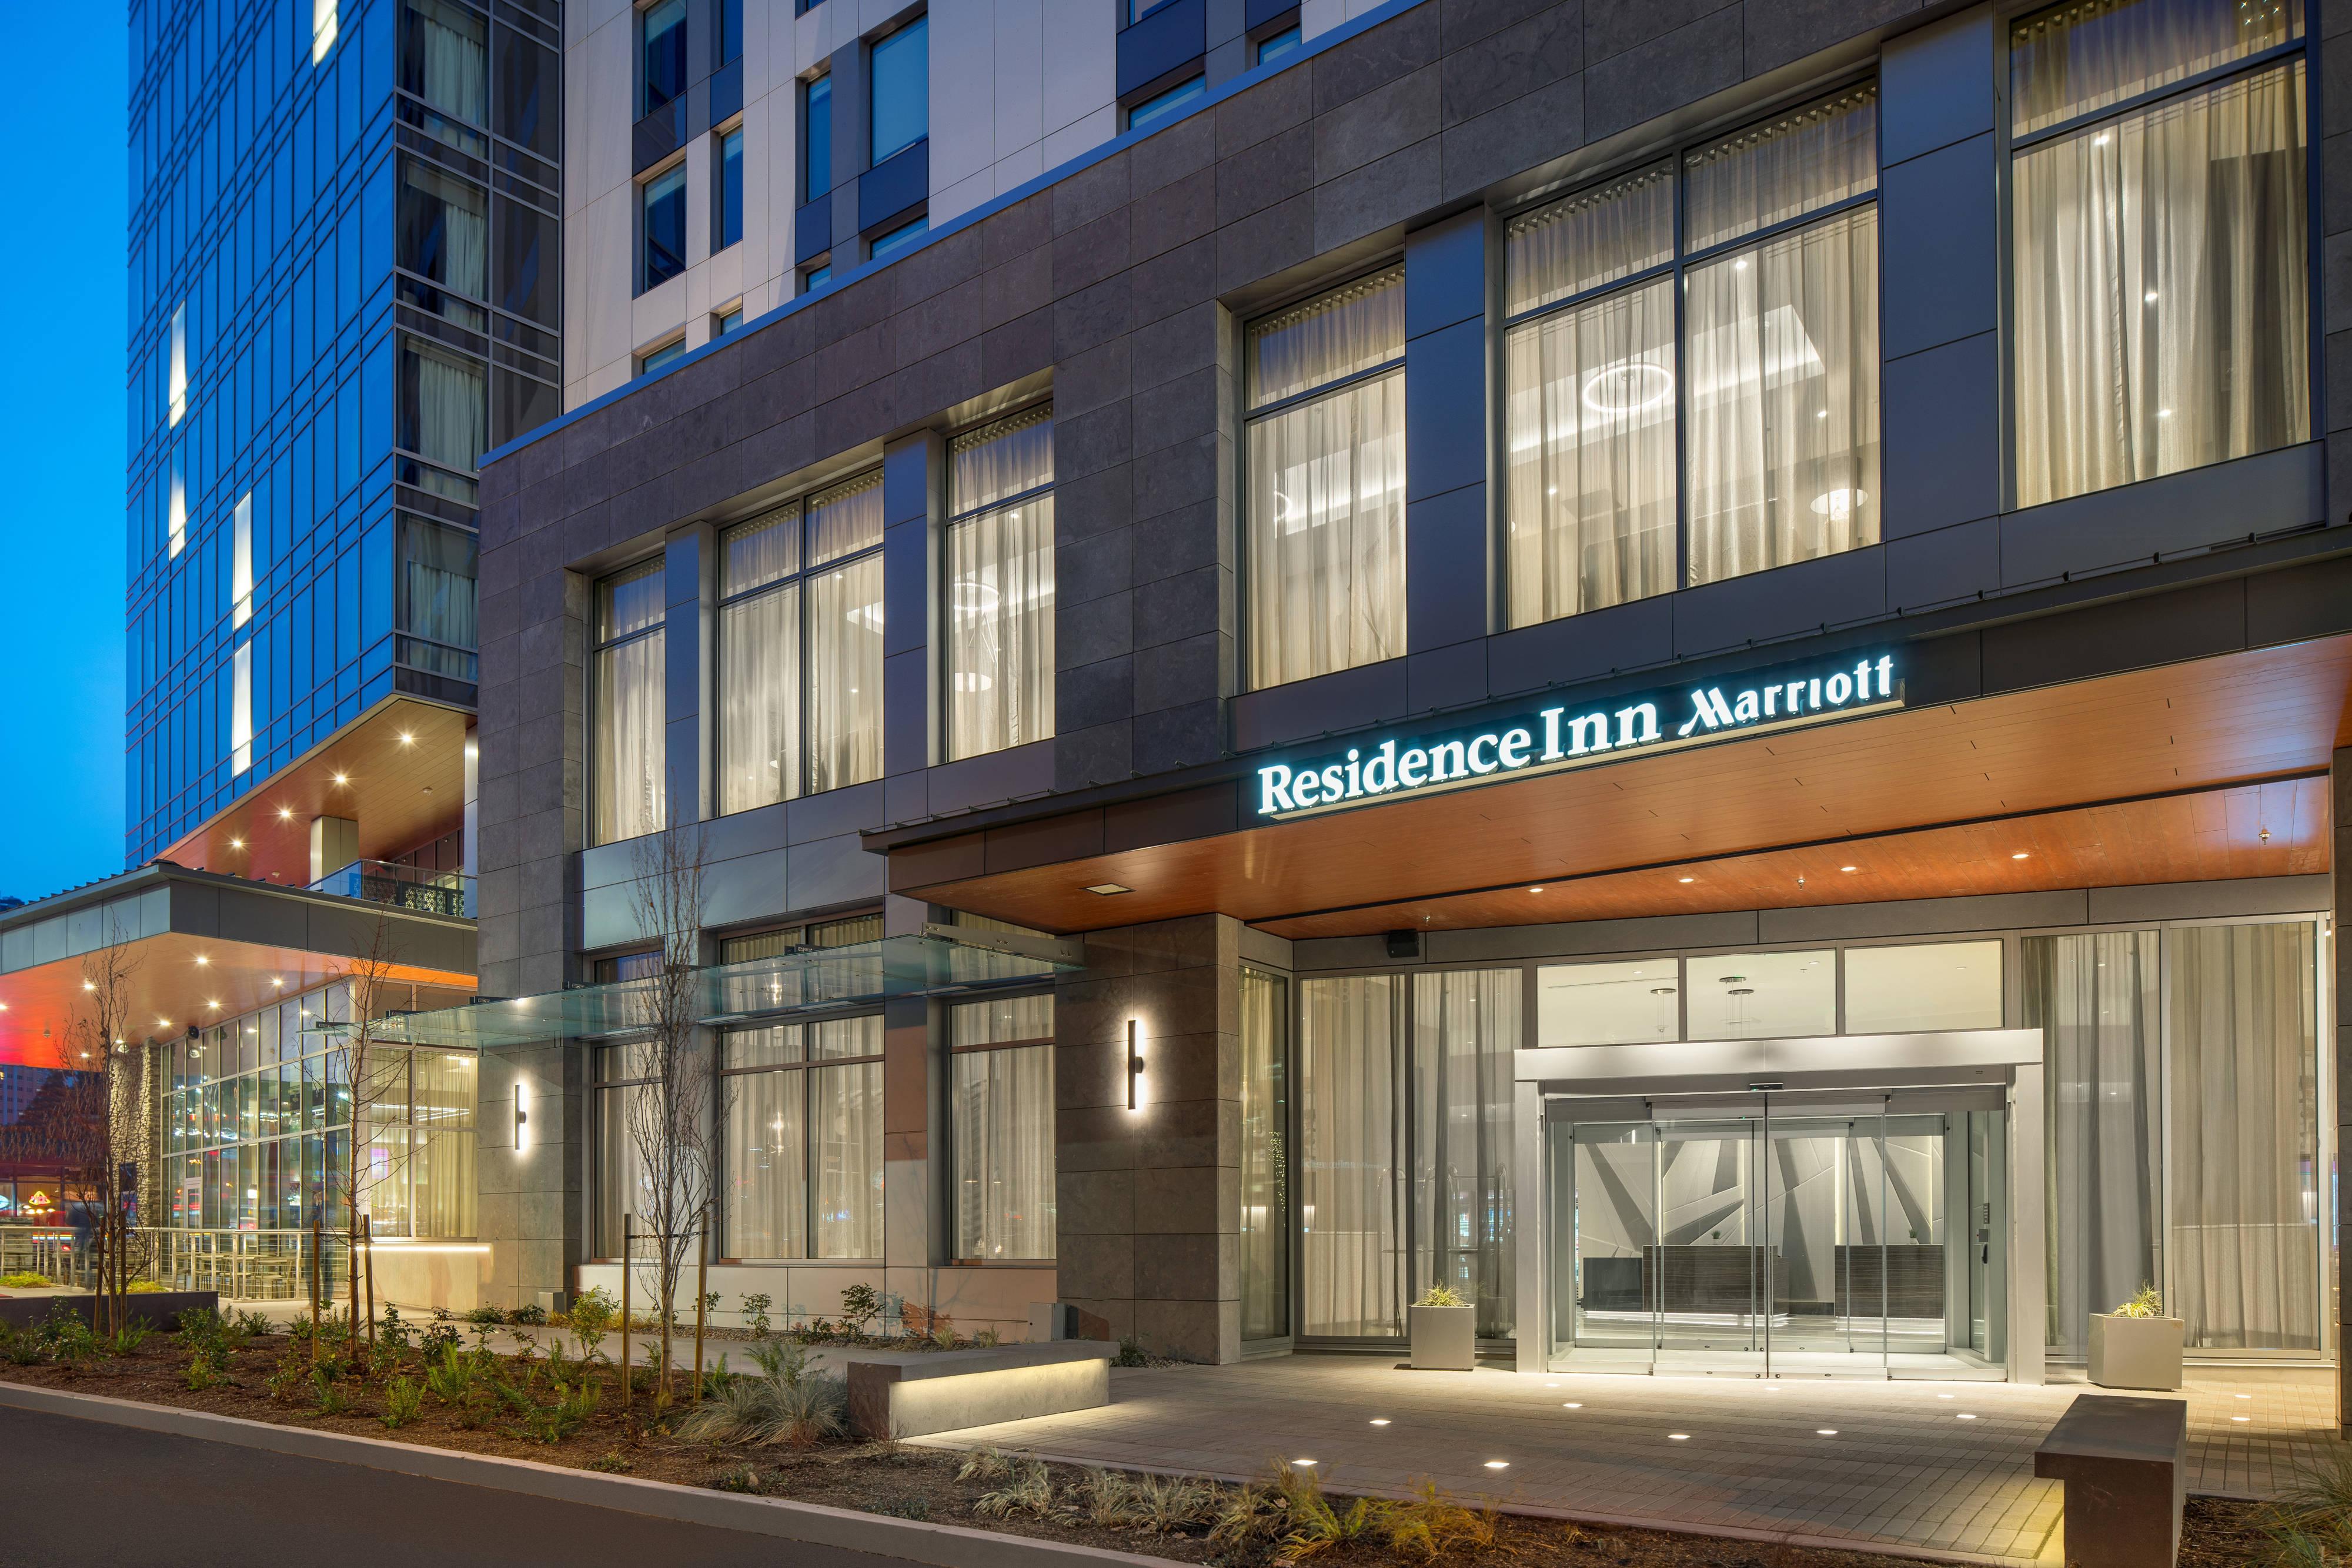 Residence Inn Seattle Downtown Marriott